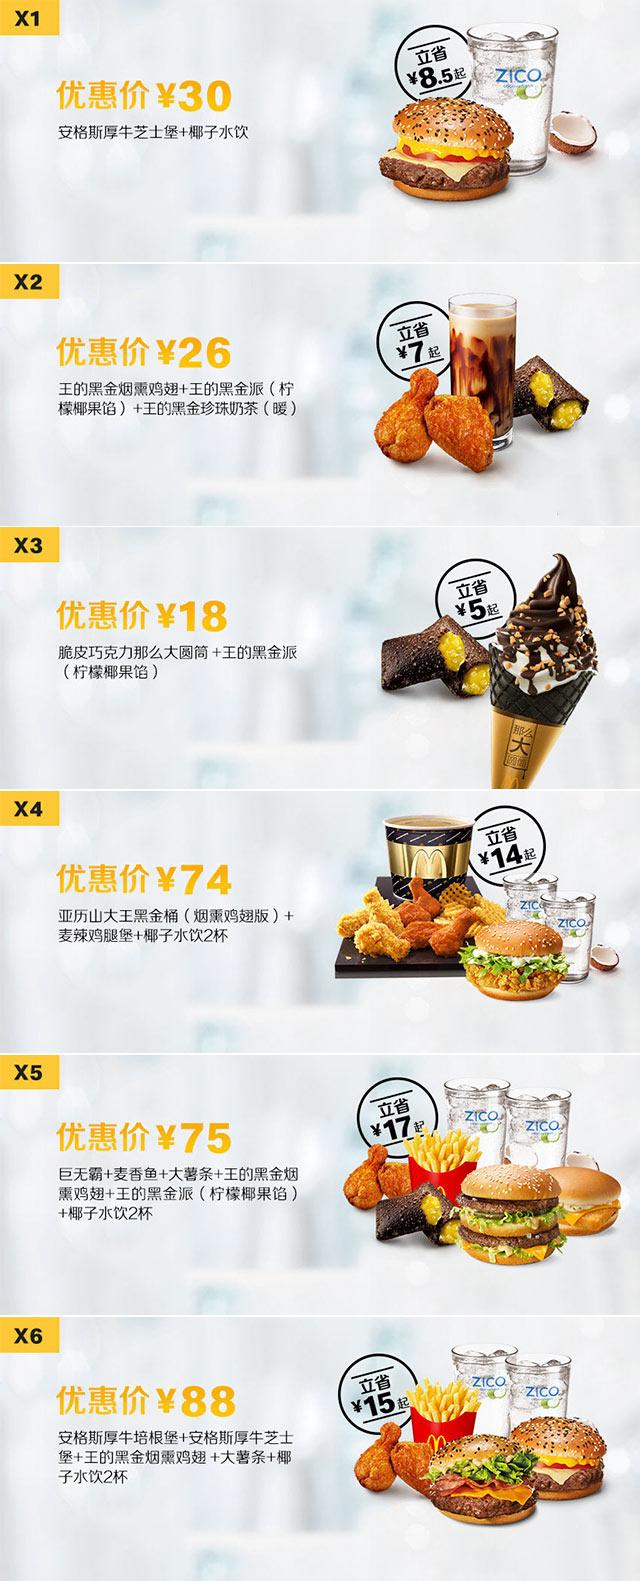 优惠券图片:麦当劳优惠券2019年12月25日至2020年1月7日手机版整张版本,点餐出示或报优惠码享优惠价 有效期2019年12月25日-2020年01月7日